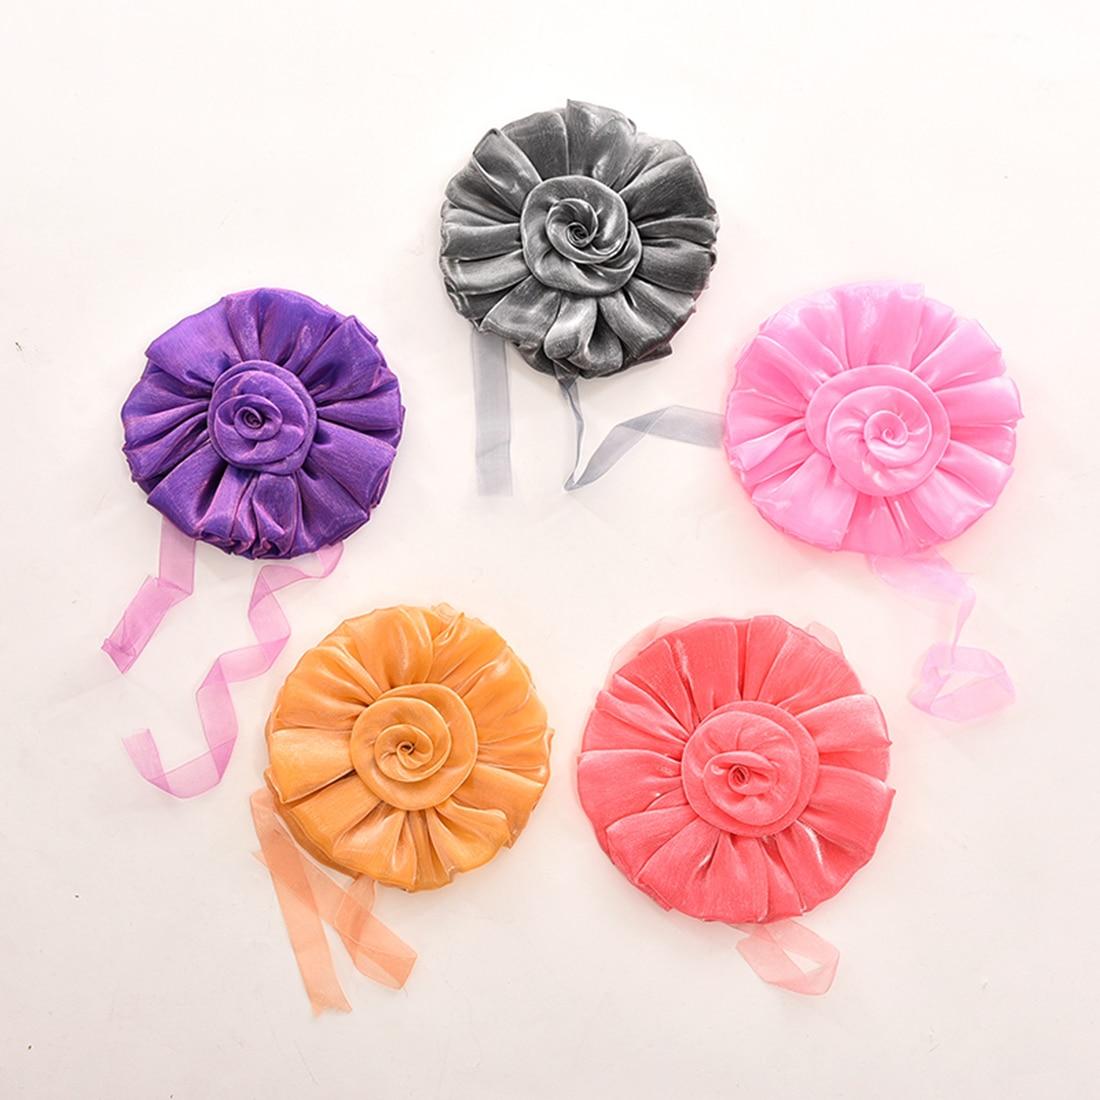 Mode Fenêtre Rideau Embrasse Clip-sur Rose Fleur Cravate Titulaire Drapé  Décoration e39b8792796